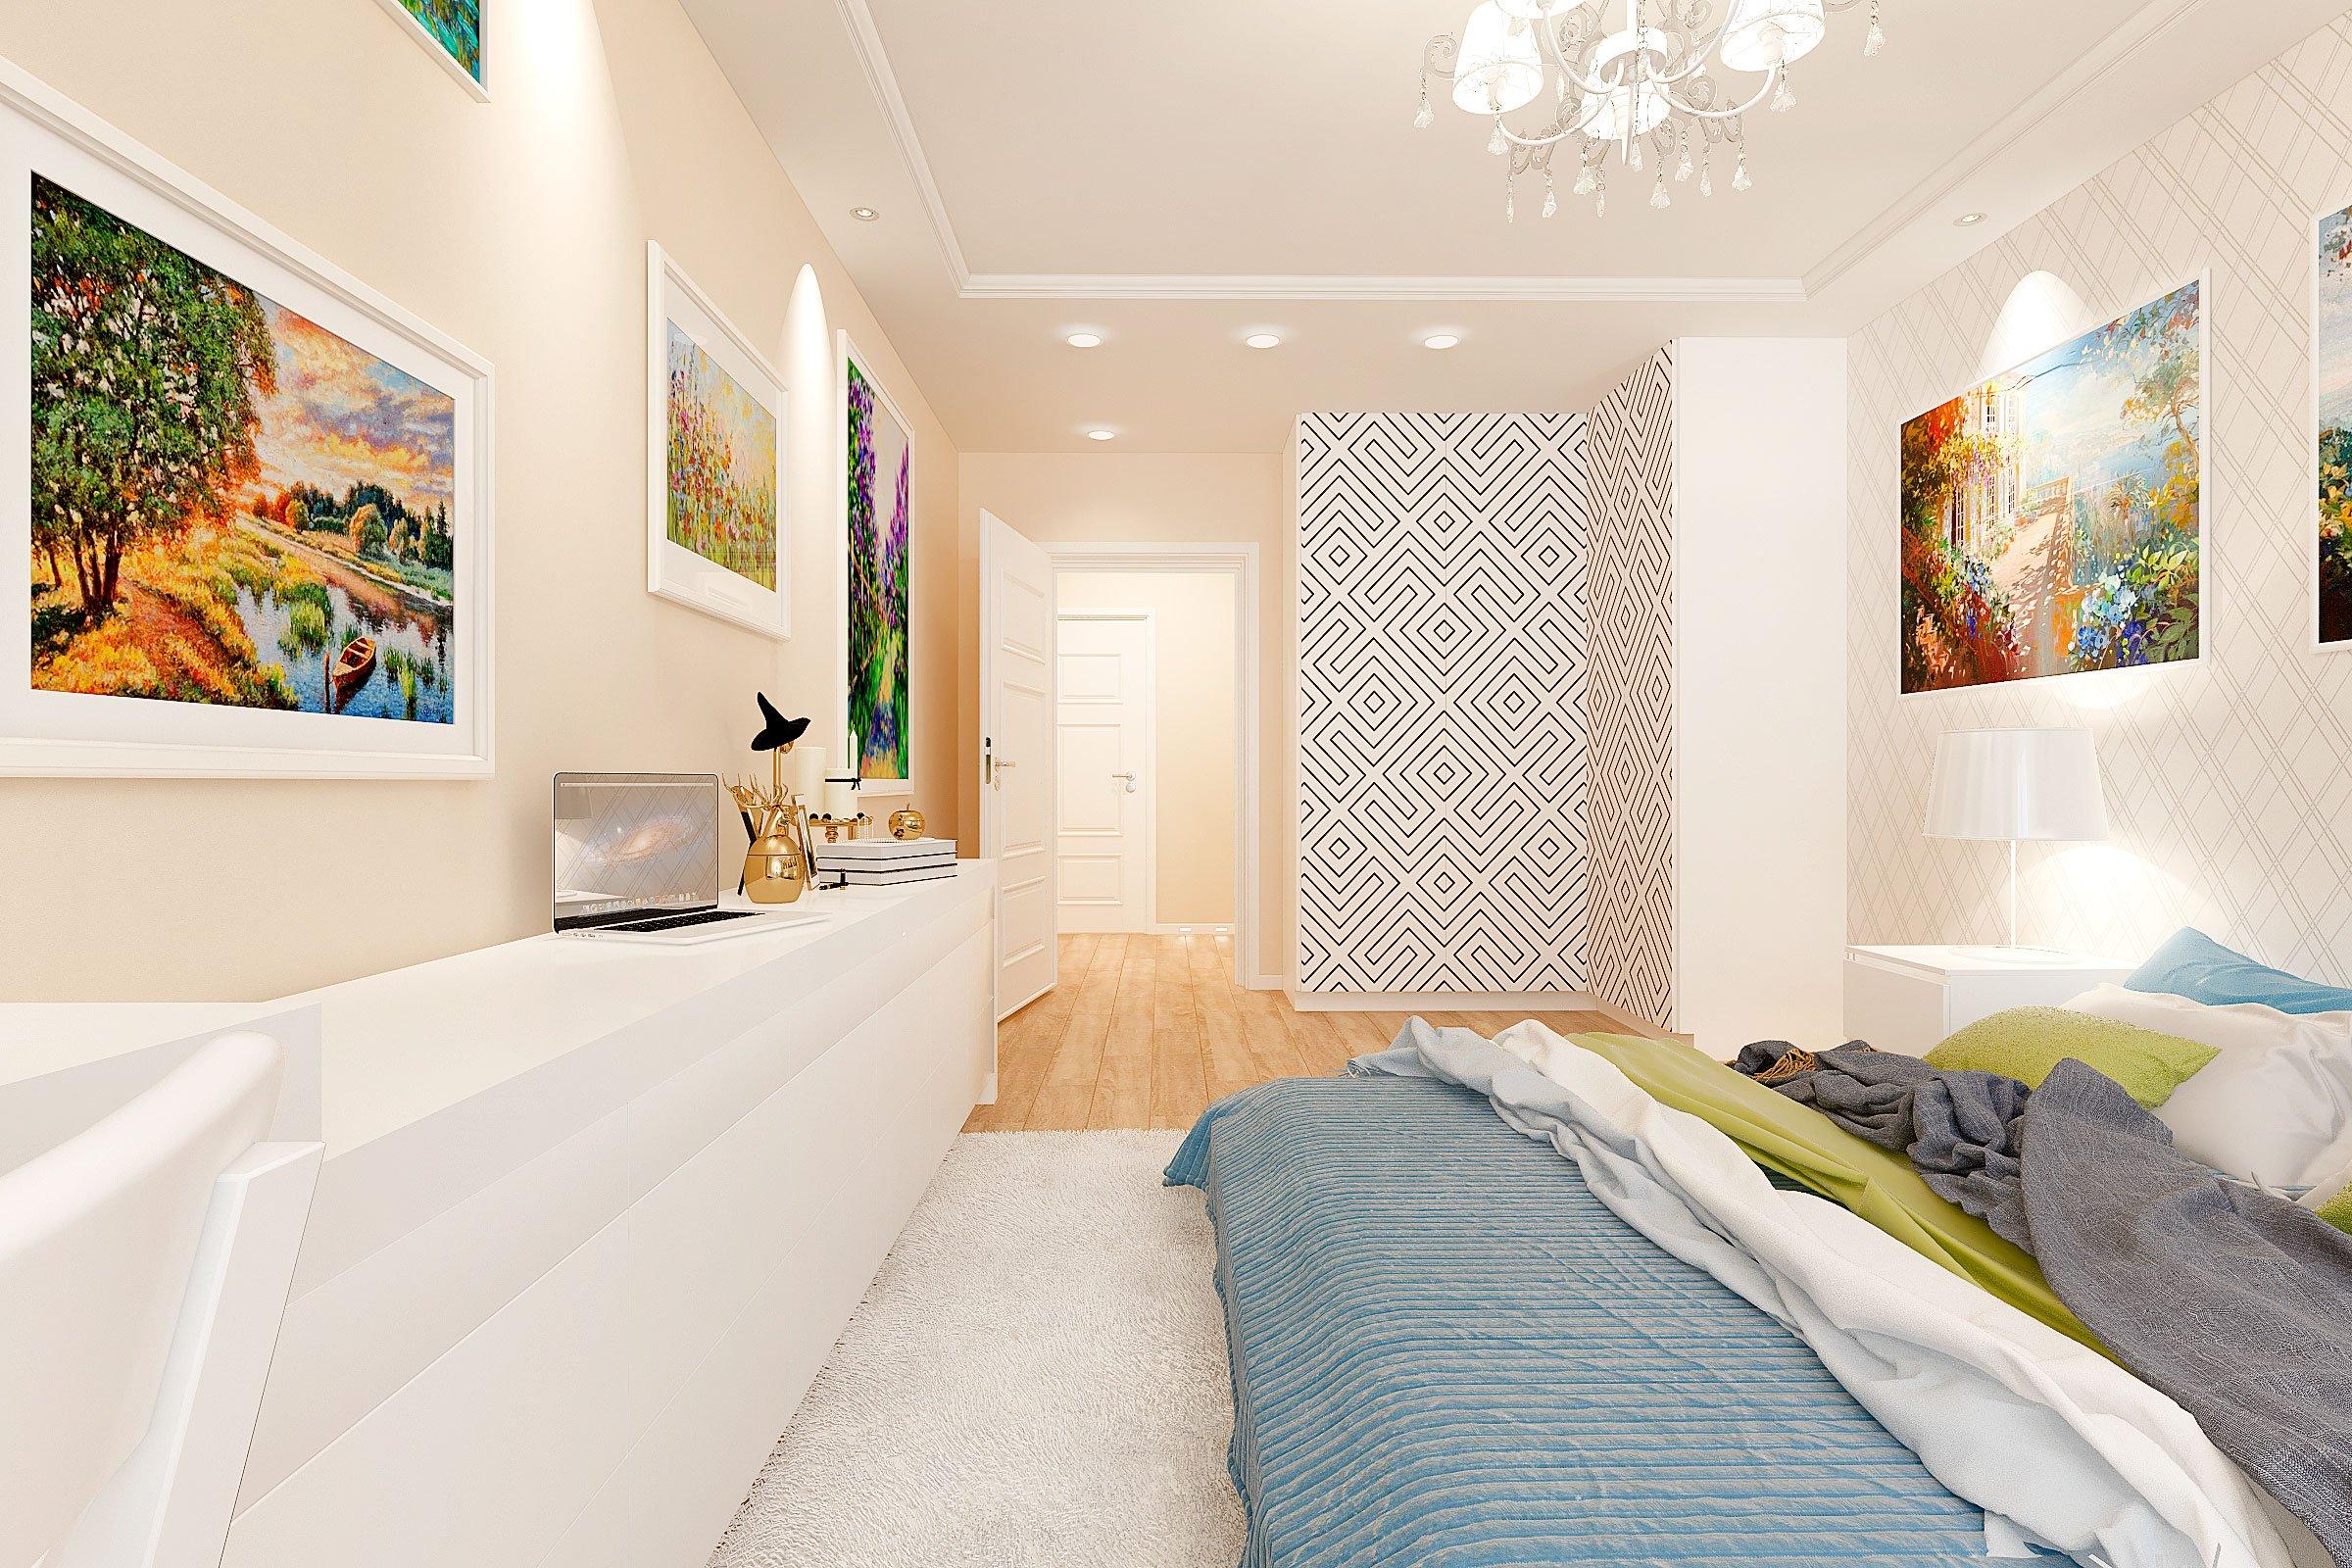 дизайн интерьера спальни в скандинавском стиле, Гомель 2018, фото №1